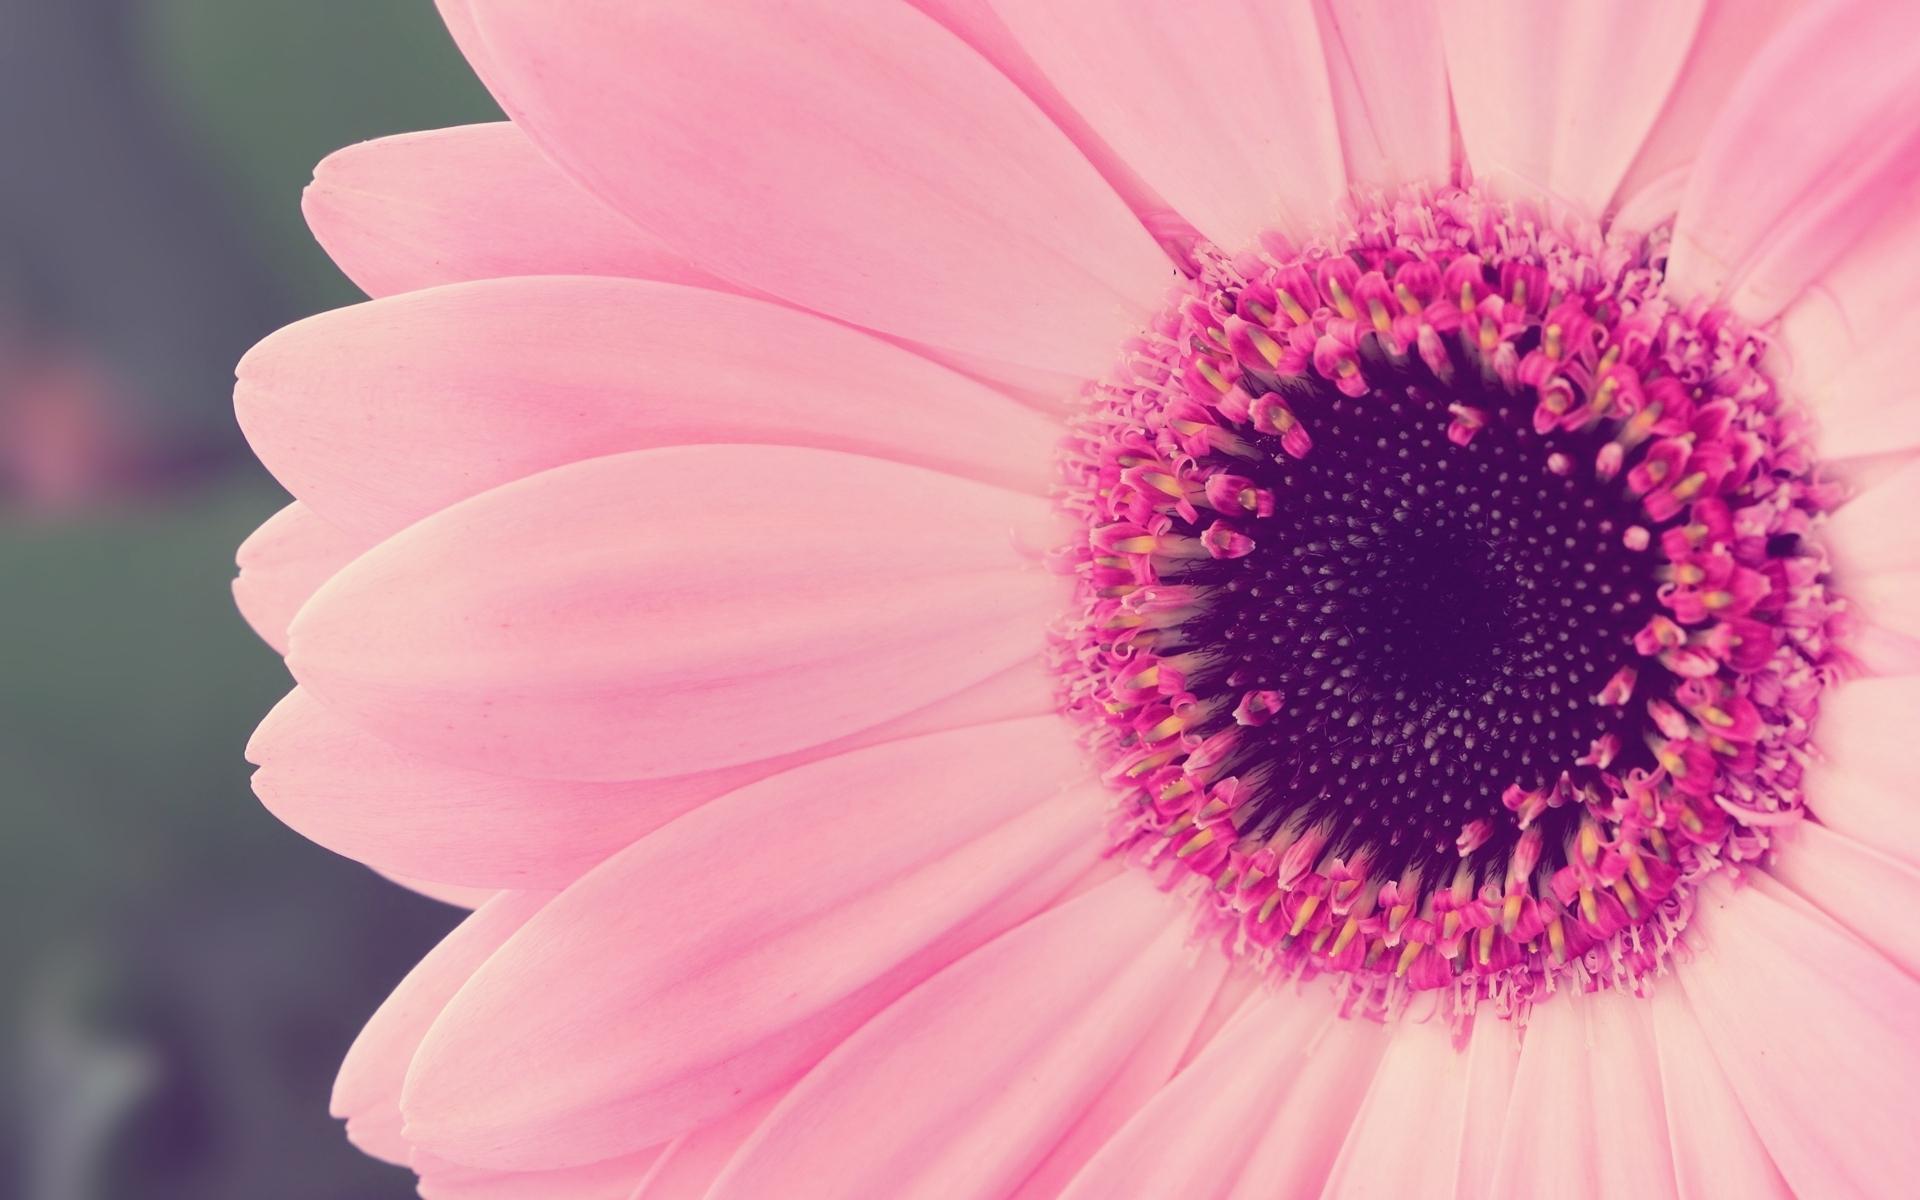 Pink HD Desktop Wallpapers - WallpaperSafari